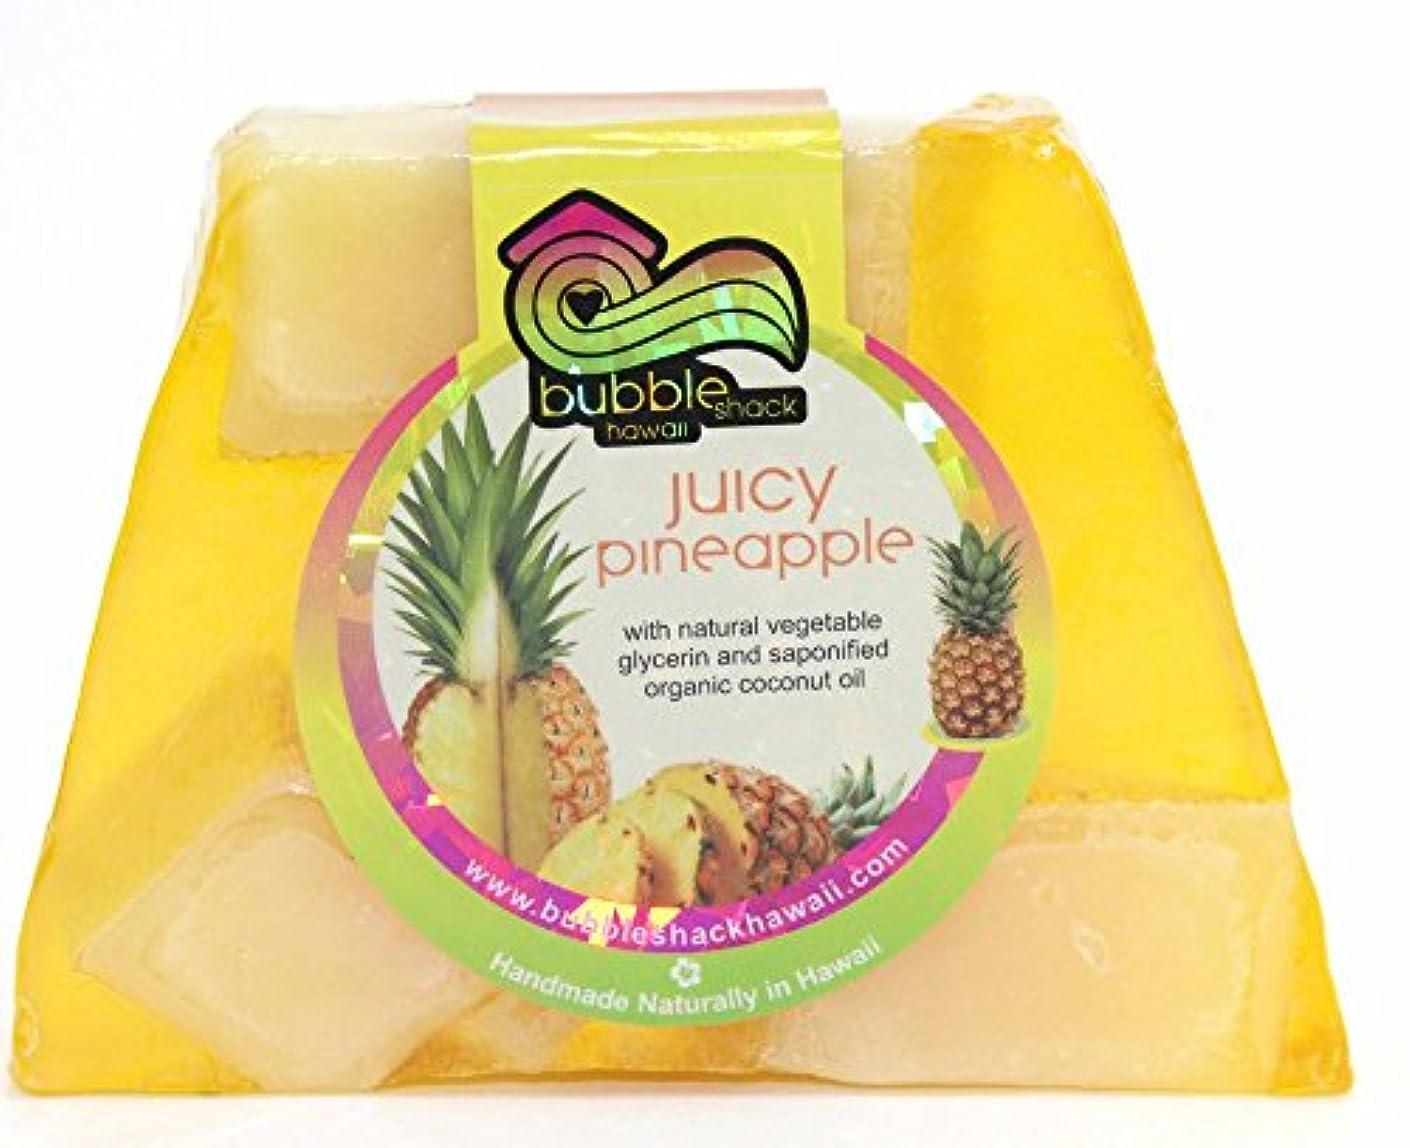 目に見える妊娠した組み合わせるハワイ お土産 ハワイアン雑貨 バブルシャック パイナップル チャンクソープ 石鹸 (パイナップル) ハワイ雑貨